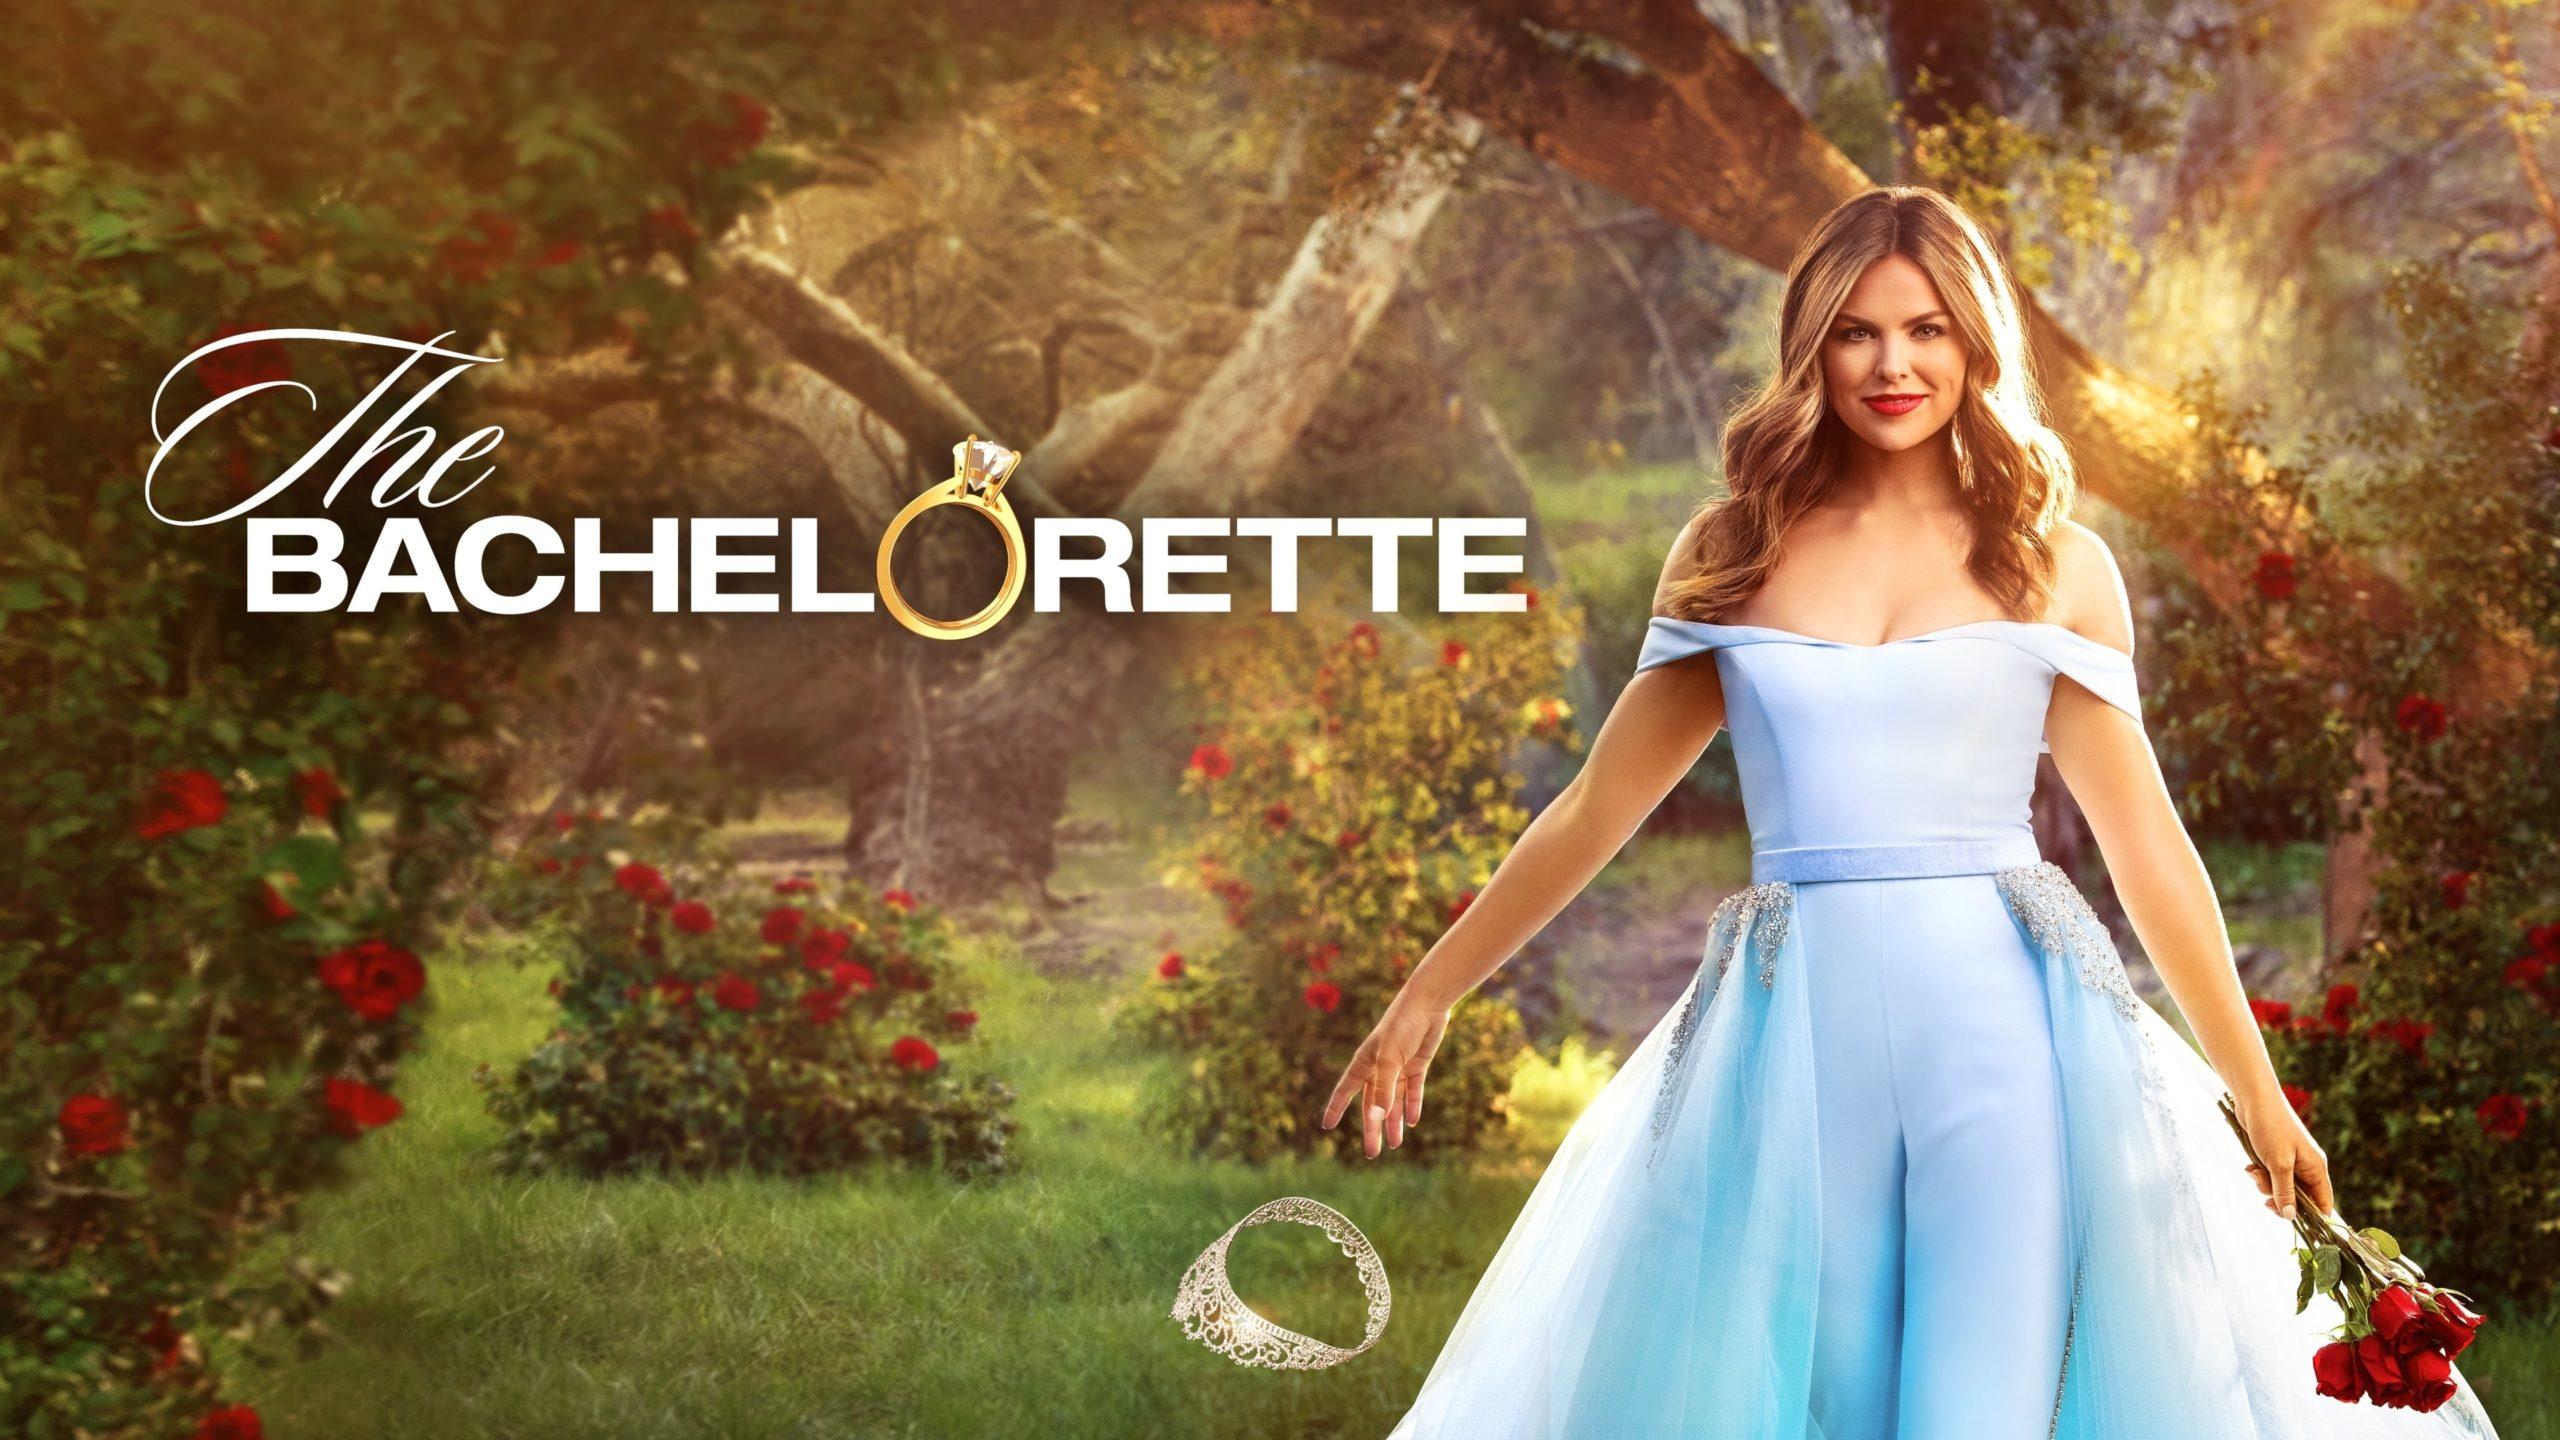 The Bachelorette Season 16 Episode 1